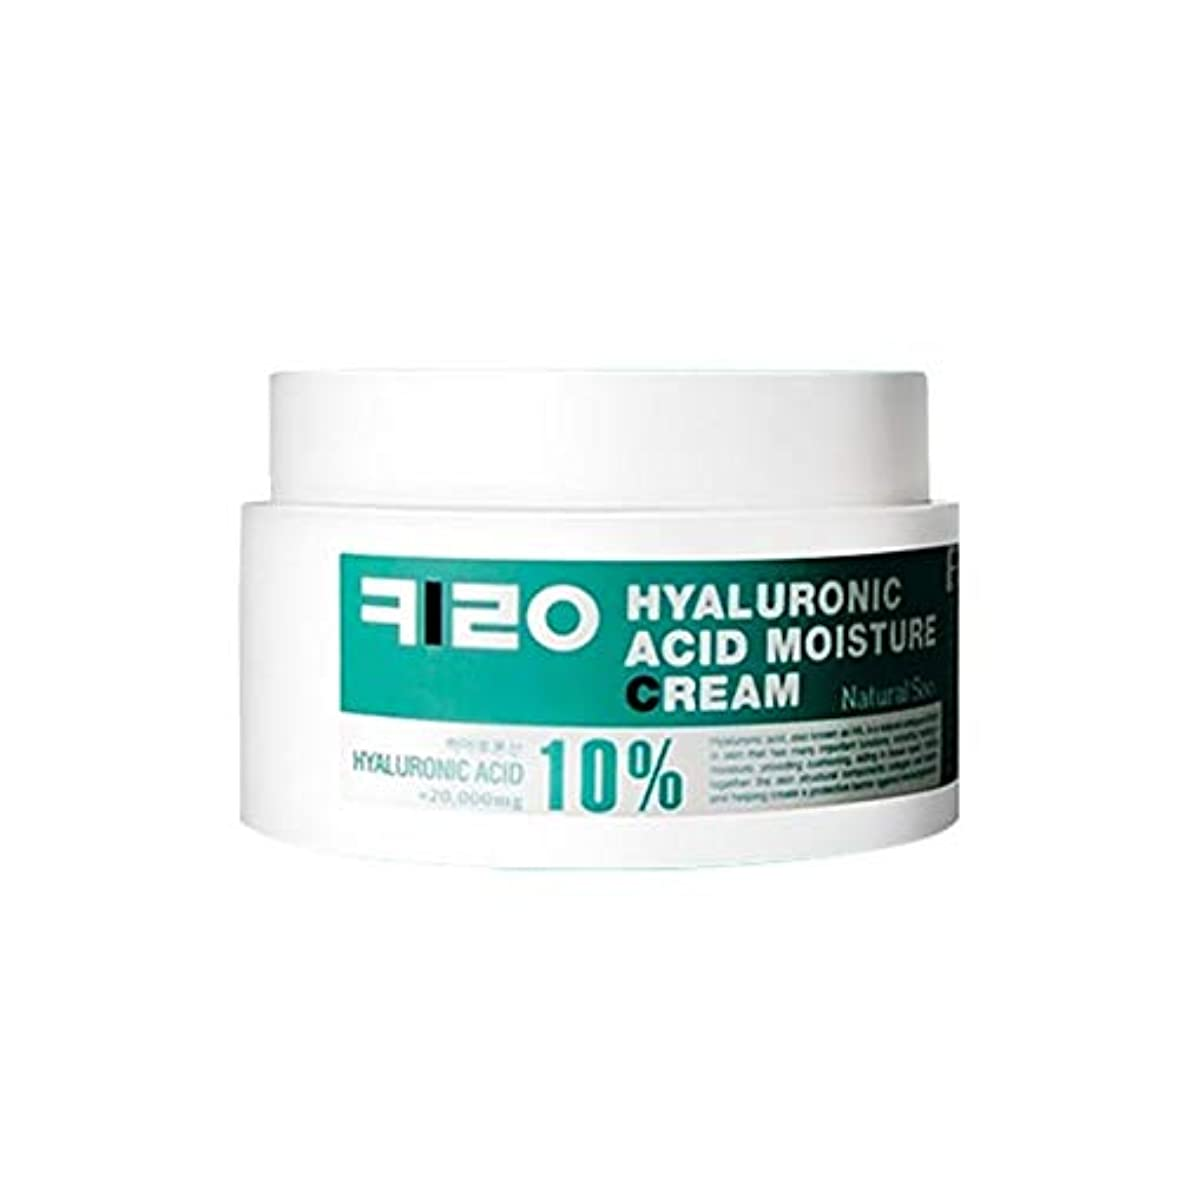 隠された知事アラブ人ナチュラルSooキーロヒアルロン酸モイスチャークリーム200g韓国コスメ、Natural Soo Hyaluronic Acid Moisture Cream 200g Korean Cosmetics [並行輸入品]